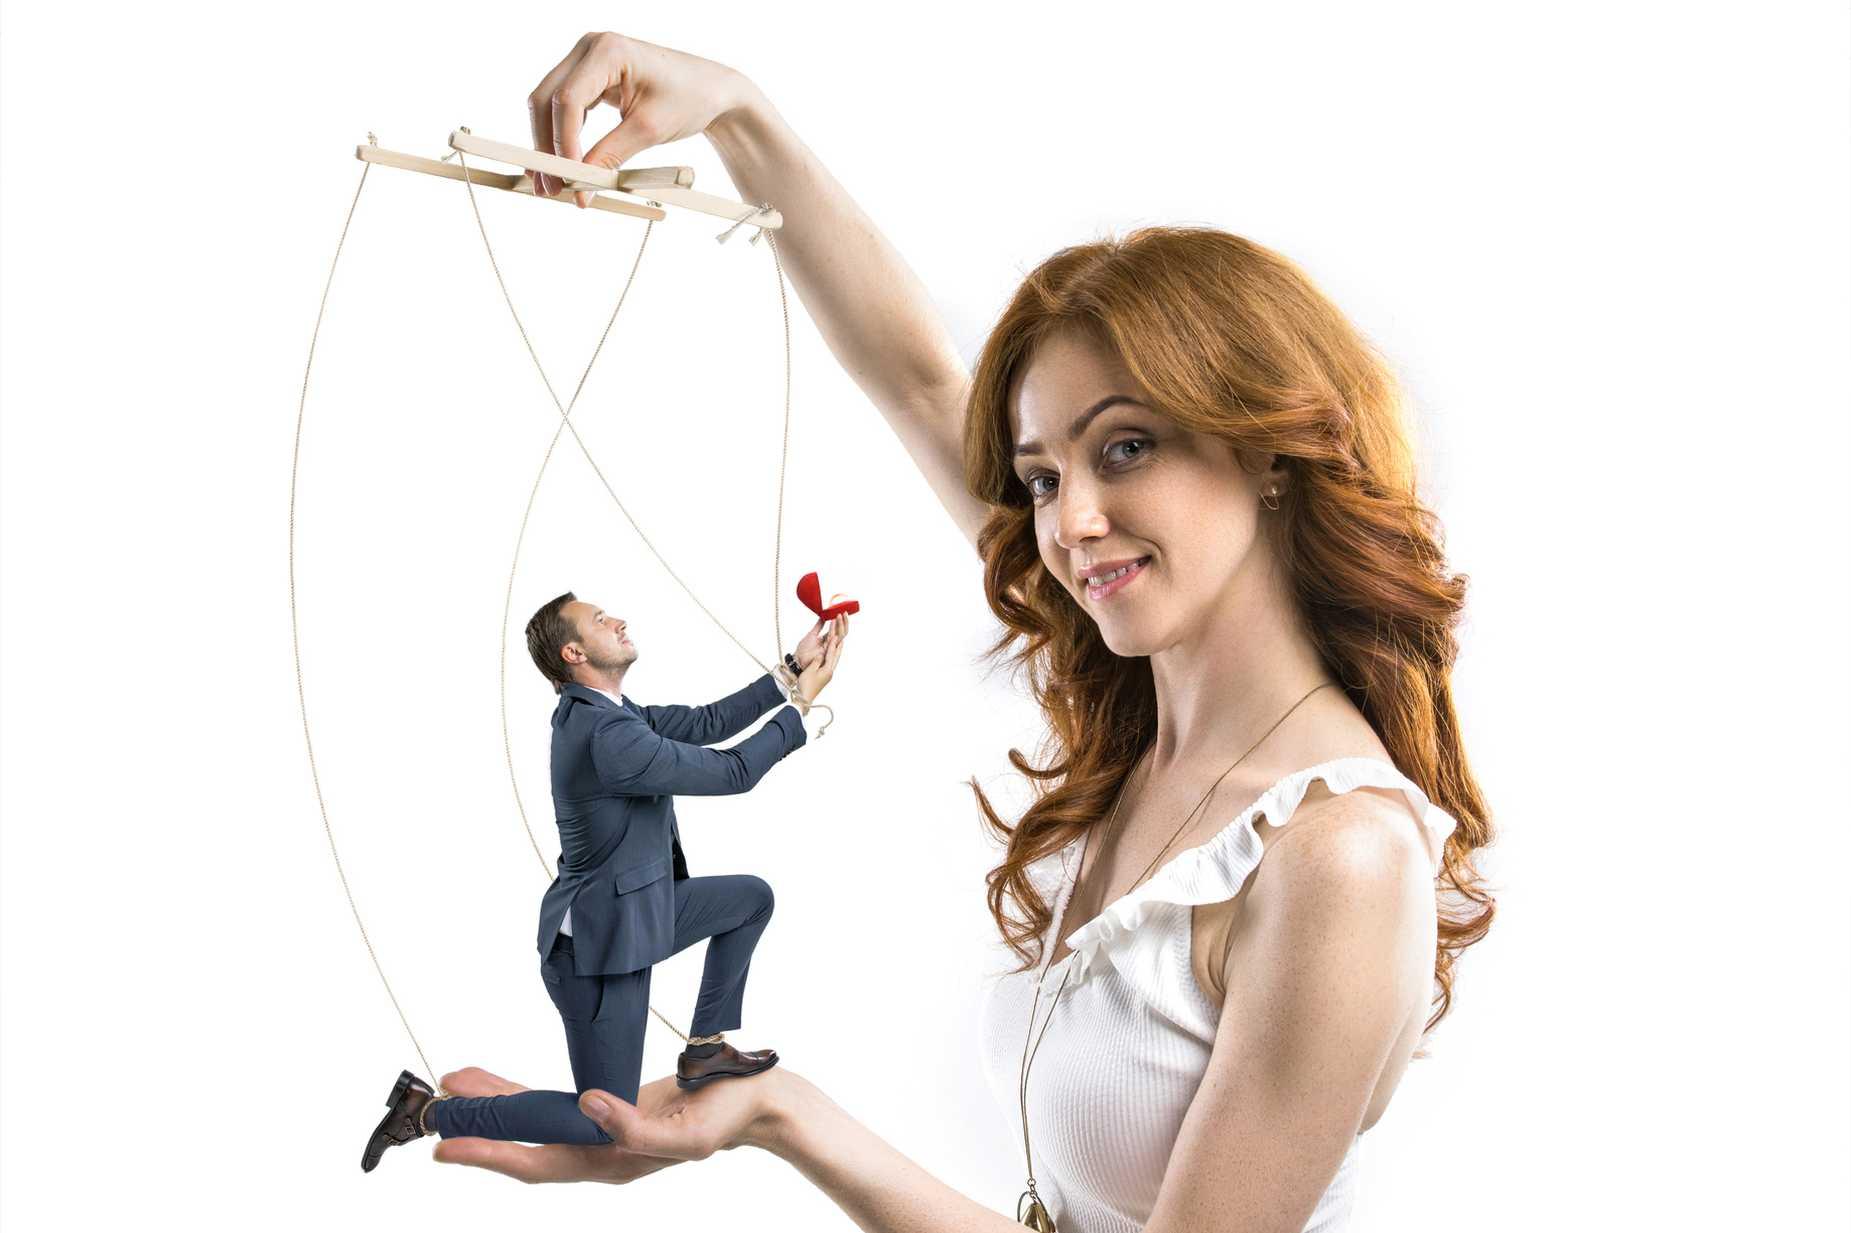 spotykać się z facetem bez umiejętności społecznych Byk kobieta randki Baran mężczyzna